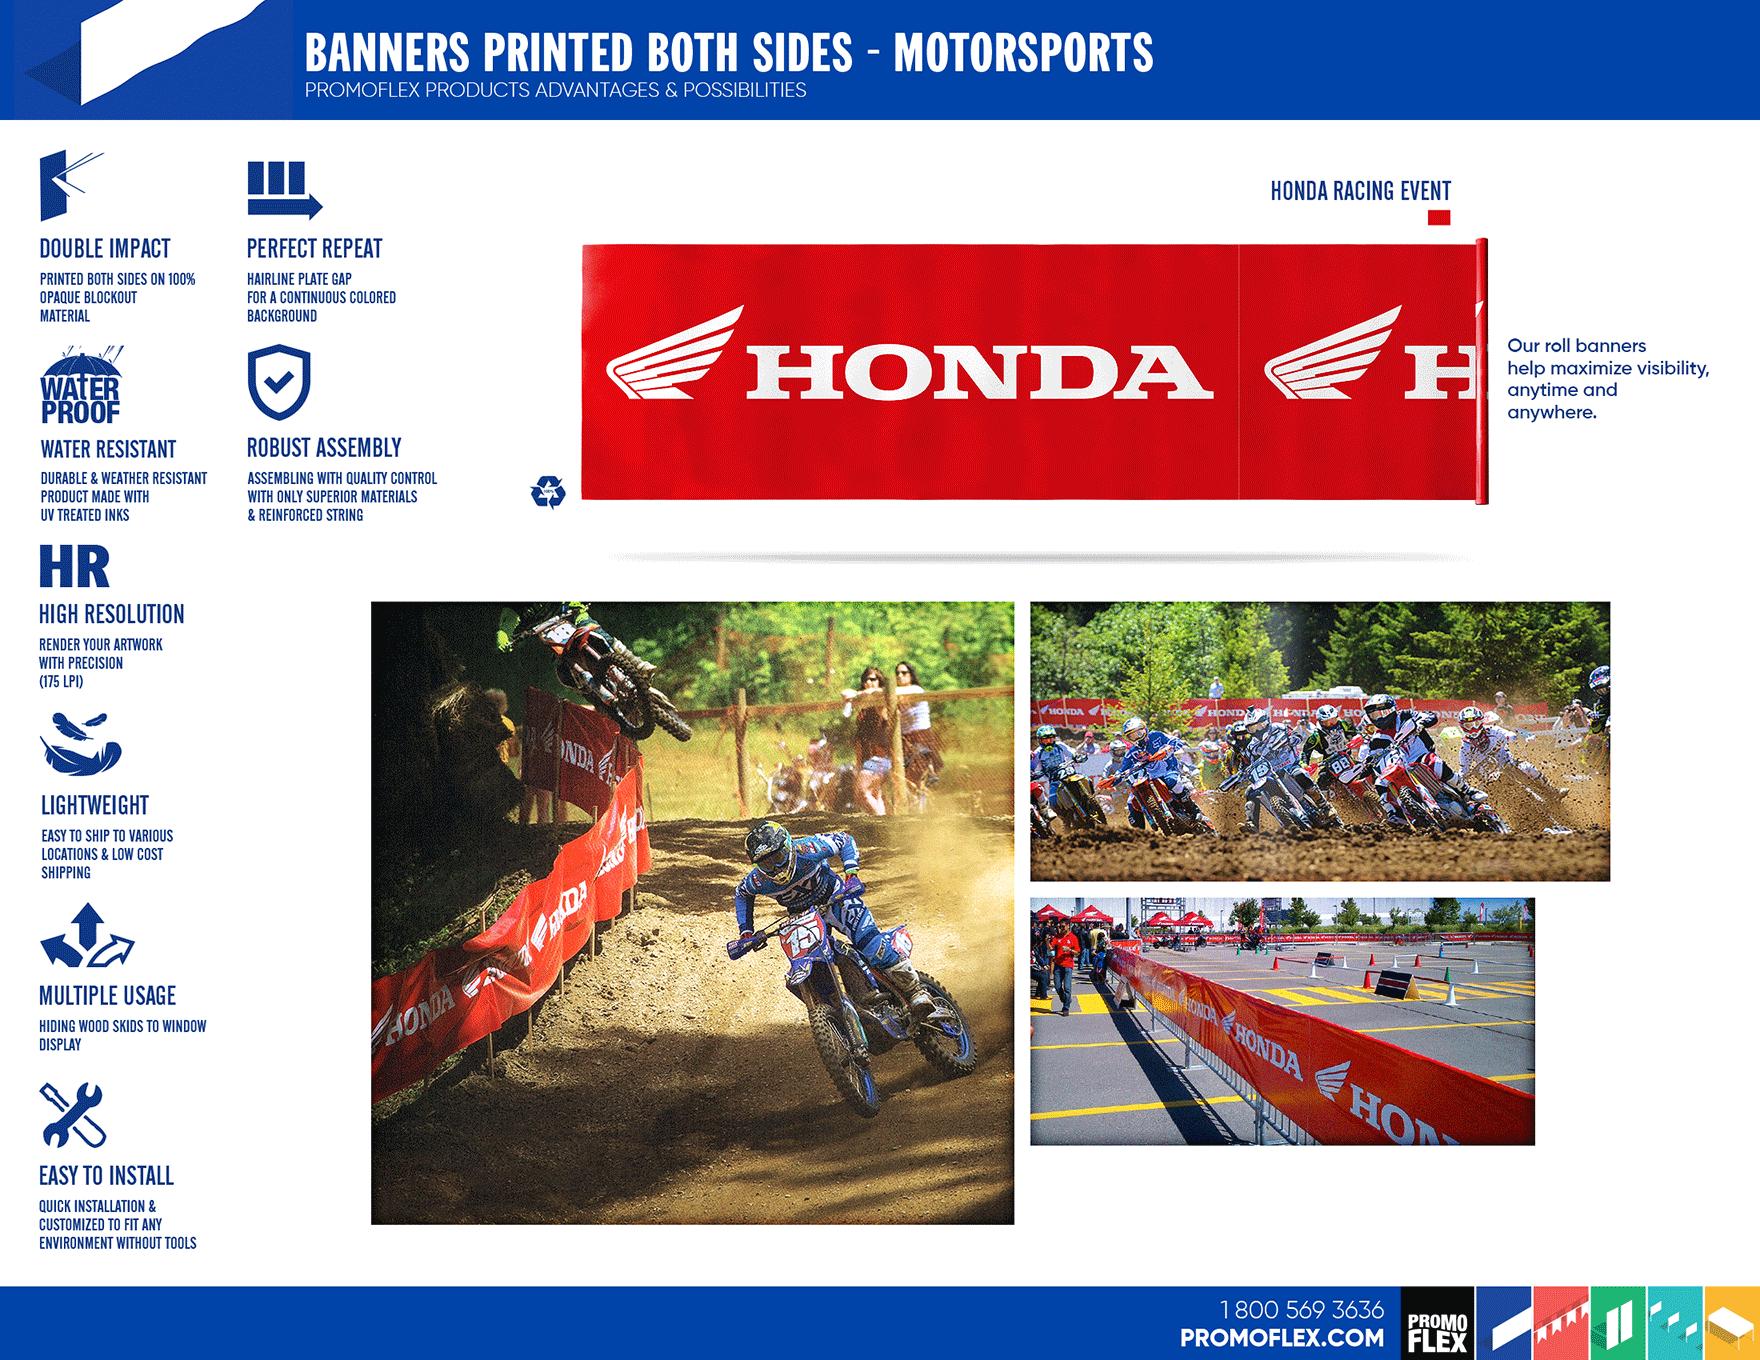 banners-printed-both-sides-motorsports-en-4n.png (590 KB)